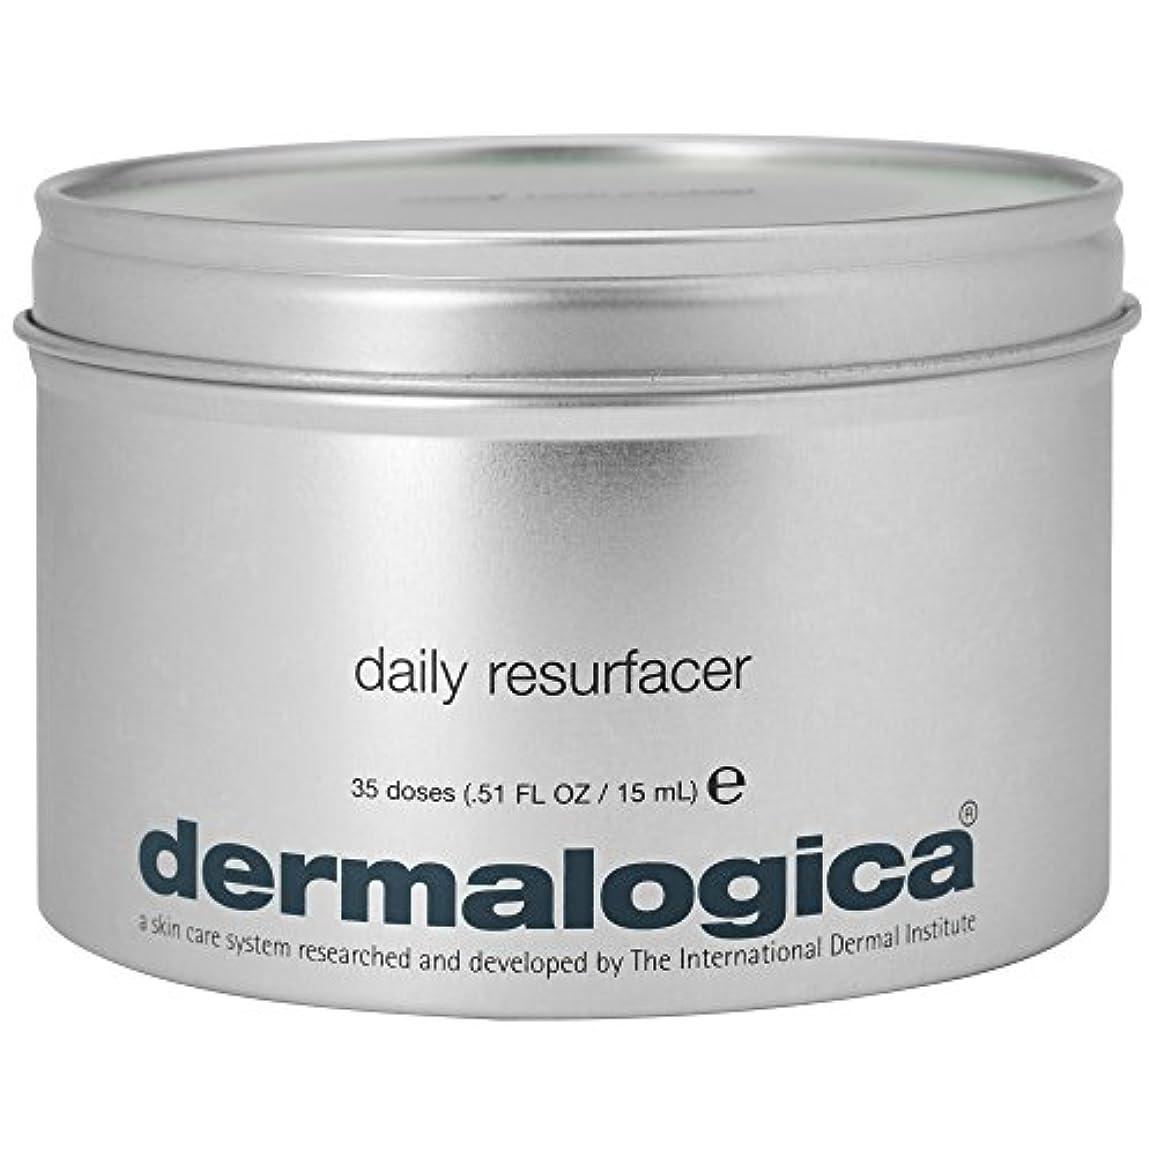 手数料アクション毎月35のダーマロジカ毎日Resurfacerパック (Dermalogica) (x2) - Dermalogica Daily Resurfacer Pack of 35 (Pack of 2) [並行輸入品]